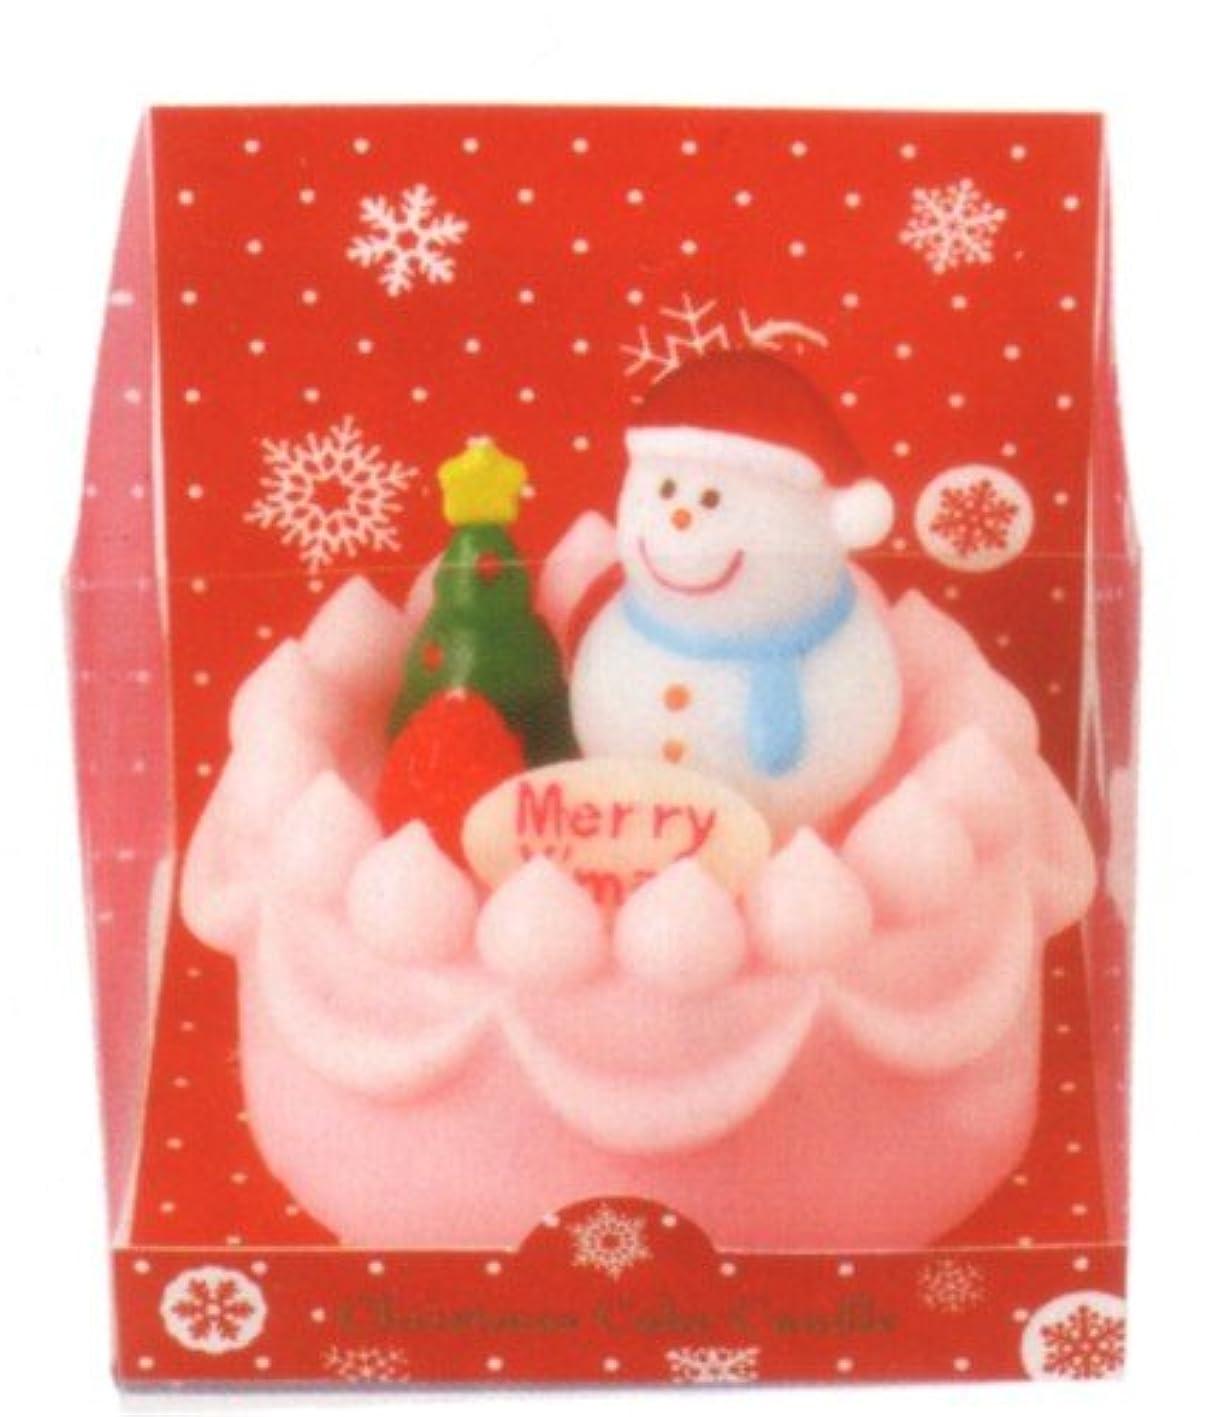 メタリック爵幸運なクリスマスデコケーキキャンドル スノーマン